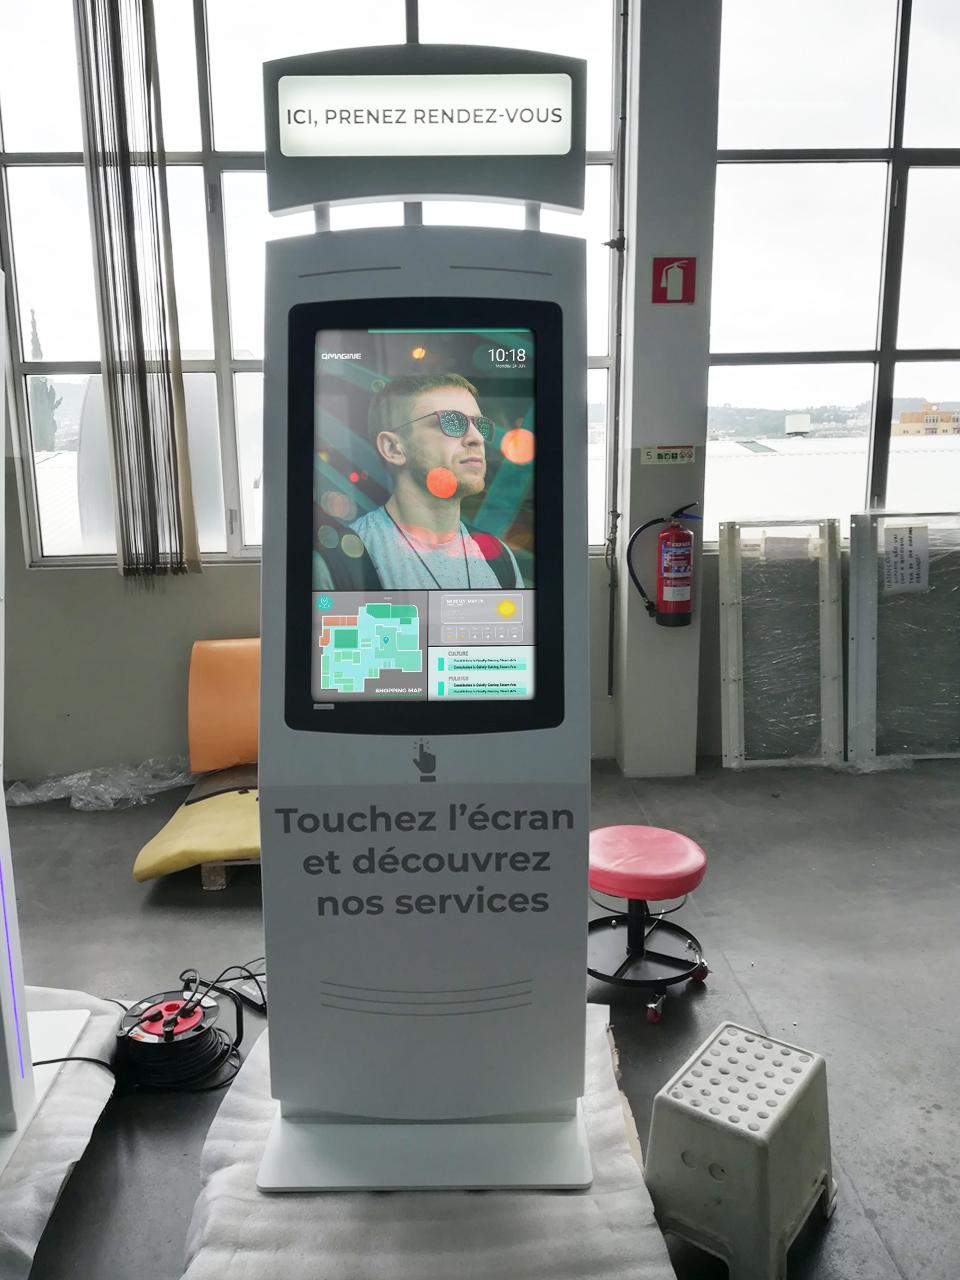 NOMYU multimedia kiosk travels to France to modernize postal service company